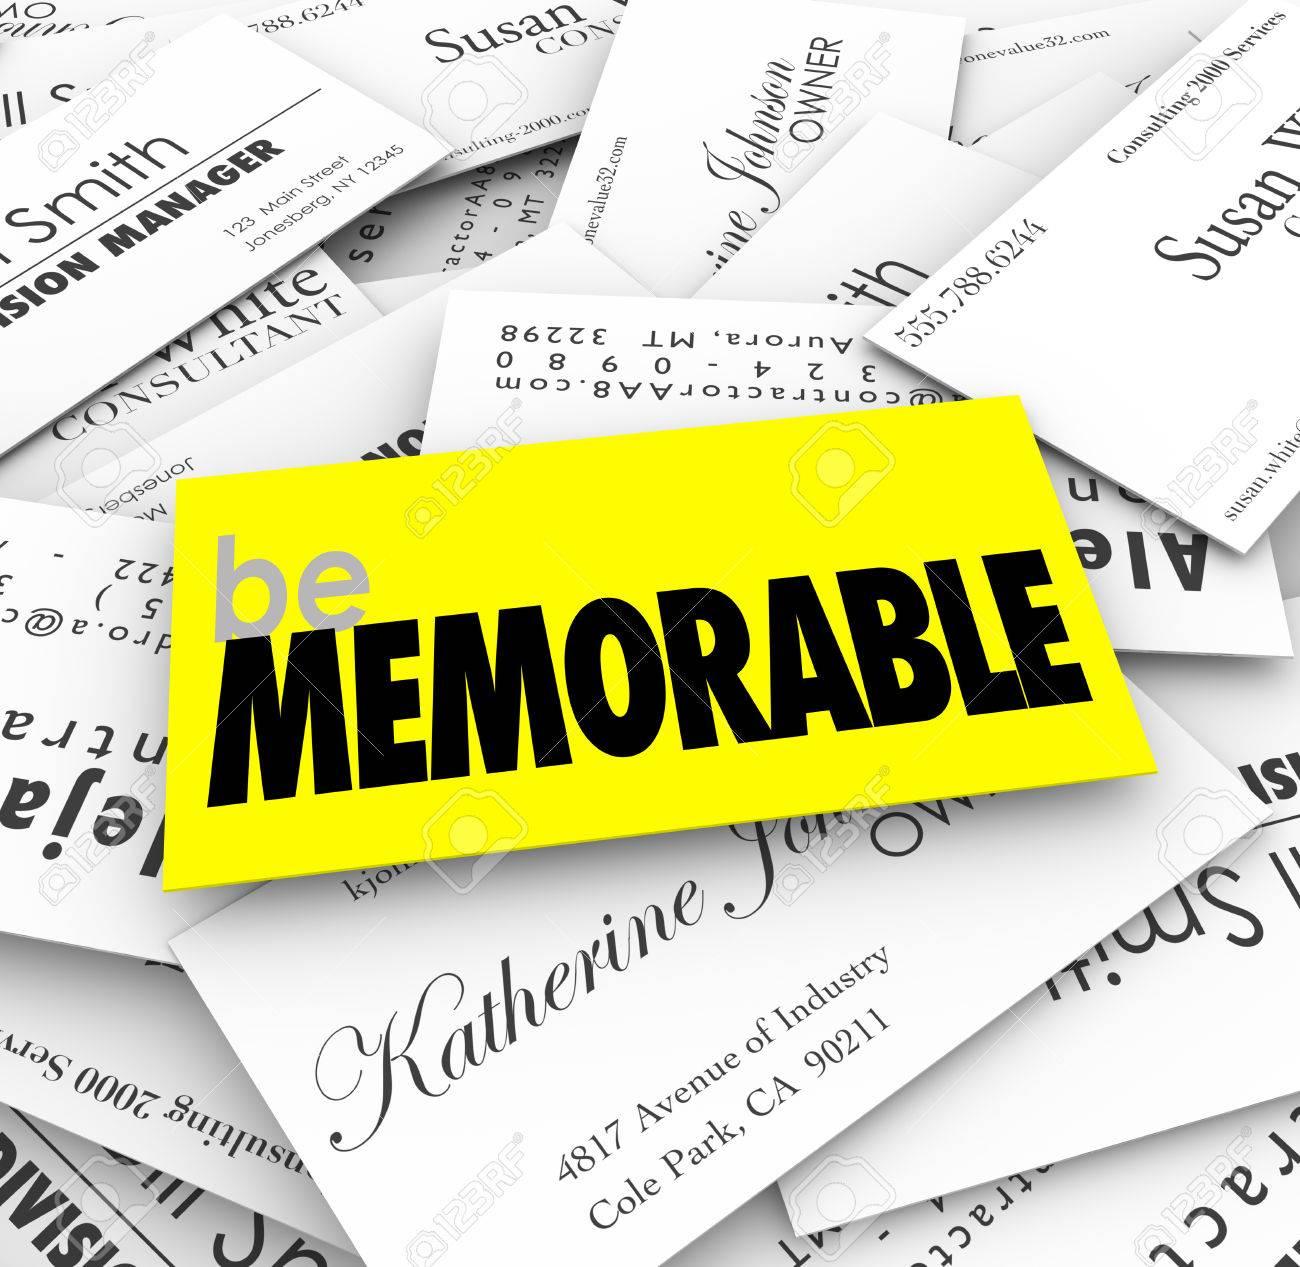 Soyez Mots Memorables Sur Une Carte De Visite Unique Special Ou Different Dans Pile Pour Illustrer La Necessite Se Demarquer Et Rivaliser Avec